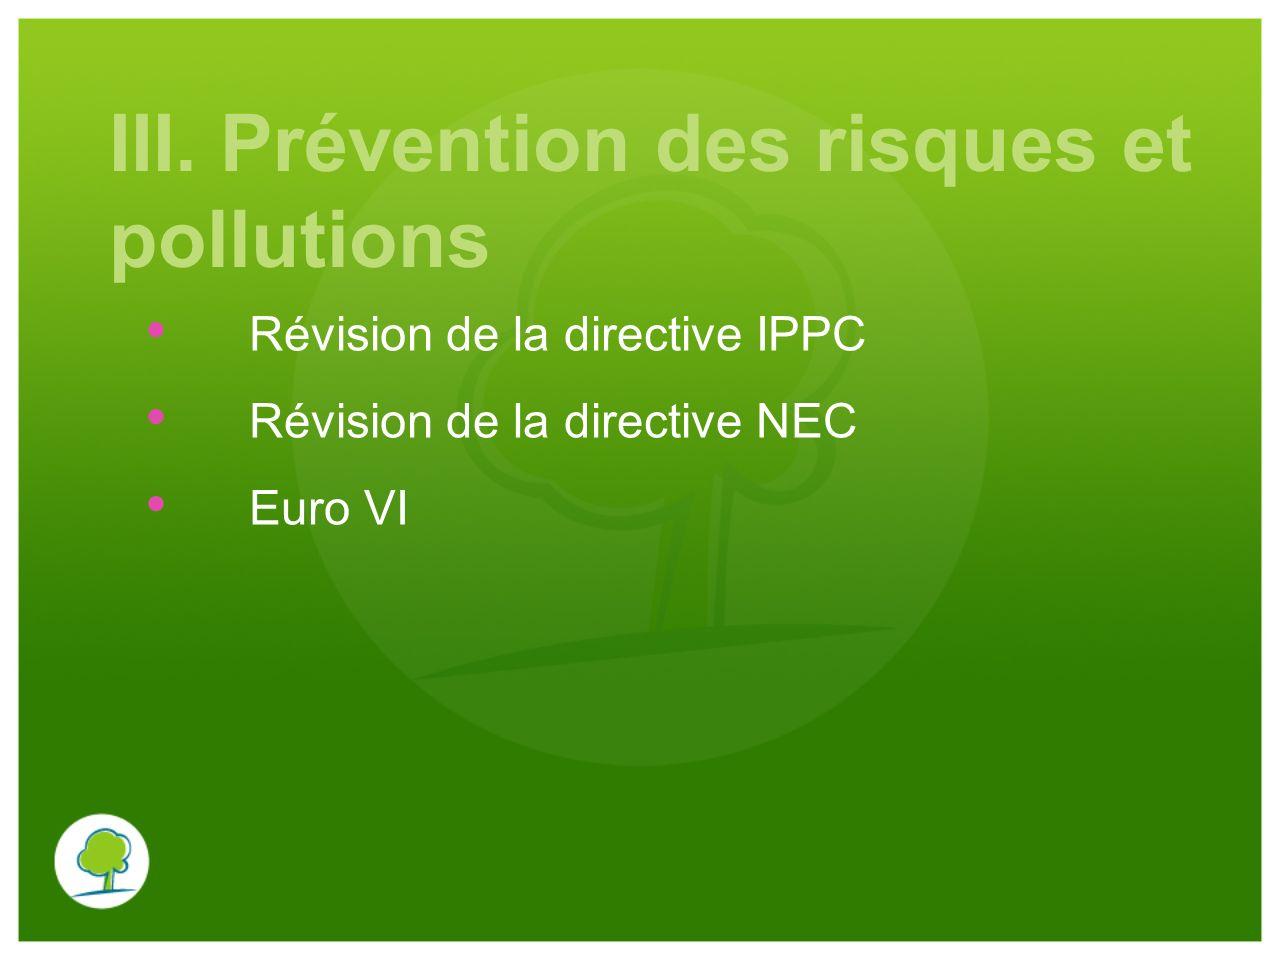 III. Prévention des risques et pollutions Révision de la directive IPPC Révision de la directive NEC Euro VI